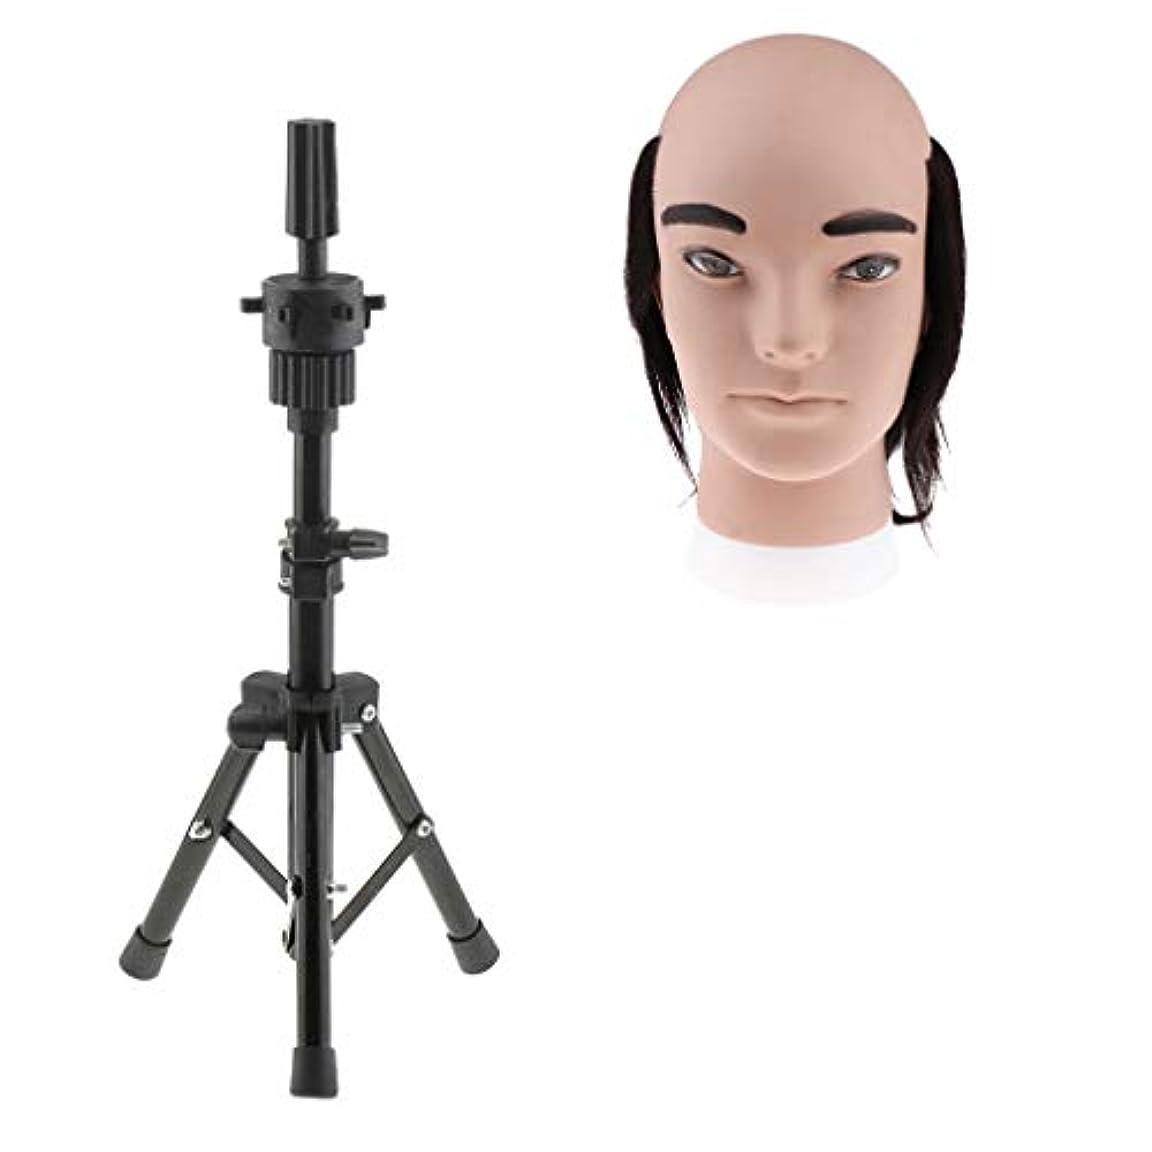 宇宙船燃やす中庭Toygogo 7.9インチ化粧品男性用半Bal型マネキンヘッド理髪店スタイリングカッティングウィービングスタイリング三脚スタンド